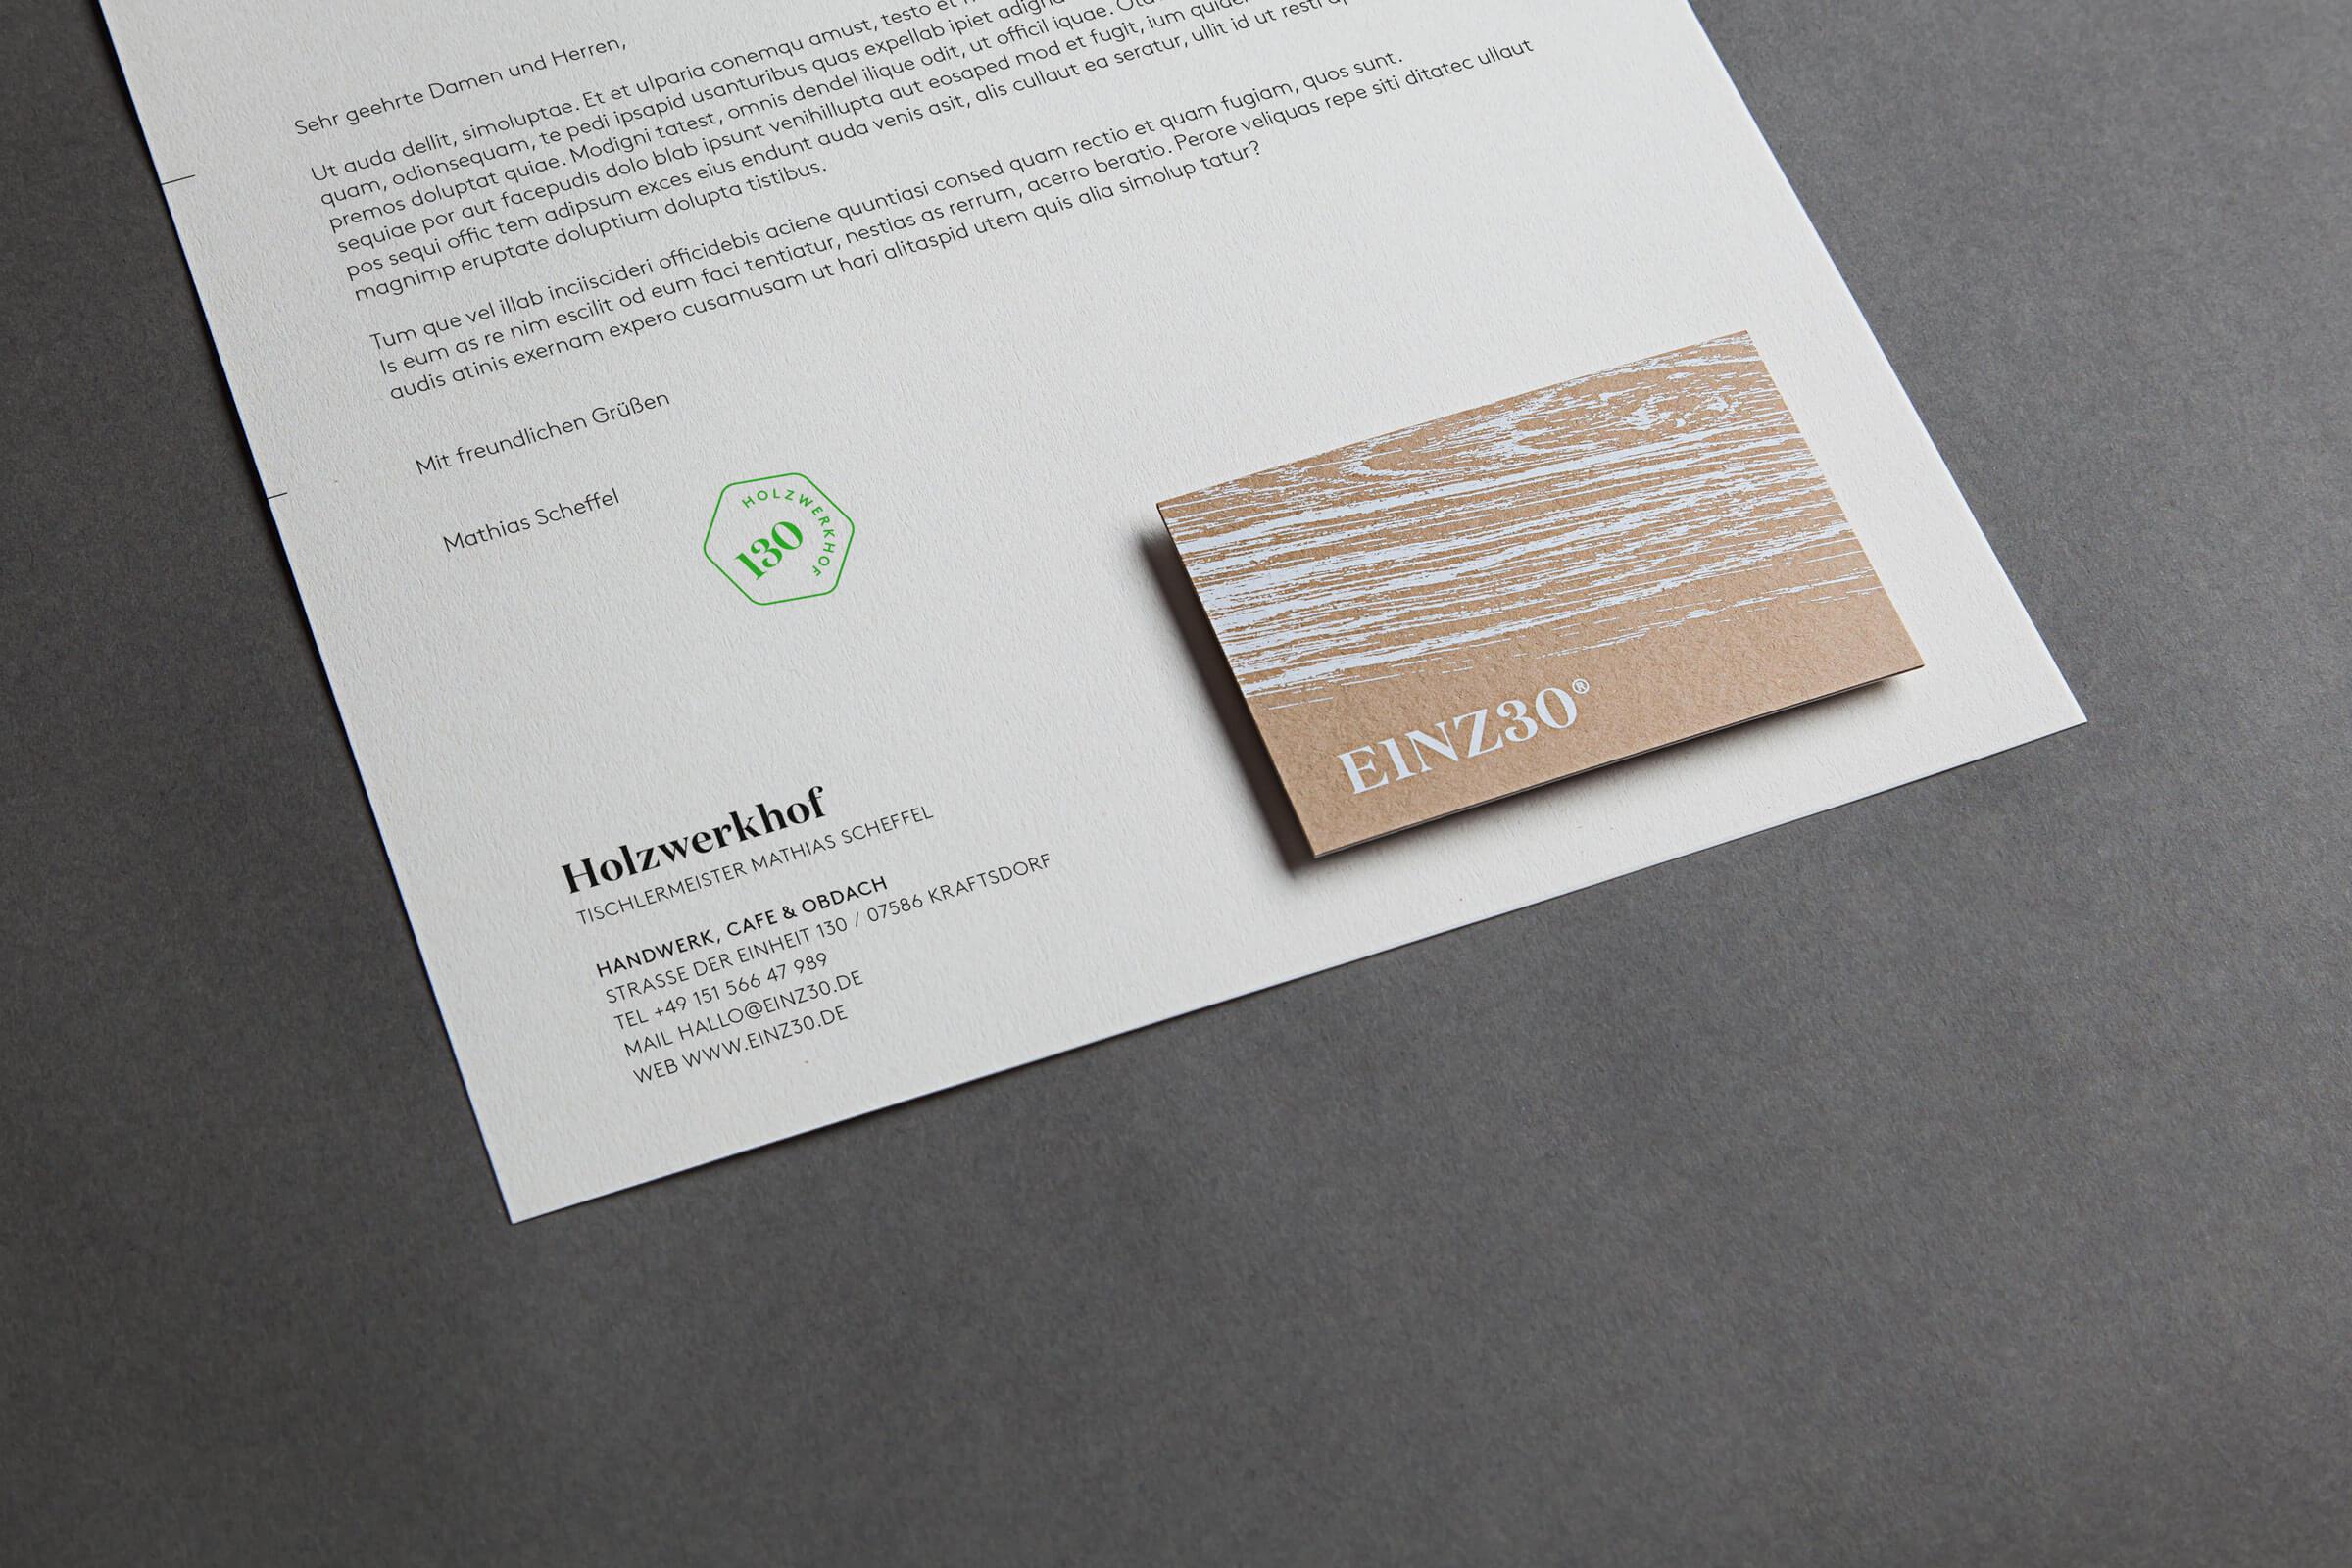 dreizehnundfuenf_design_studio_einz30_6